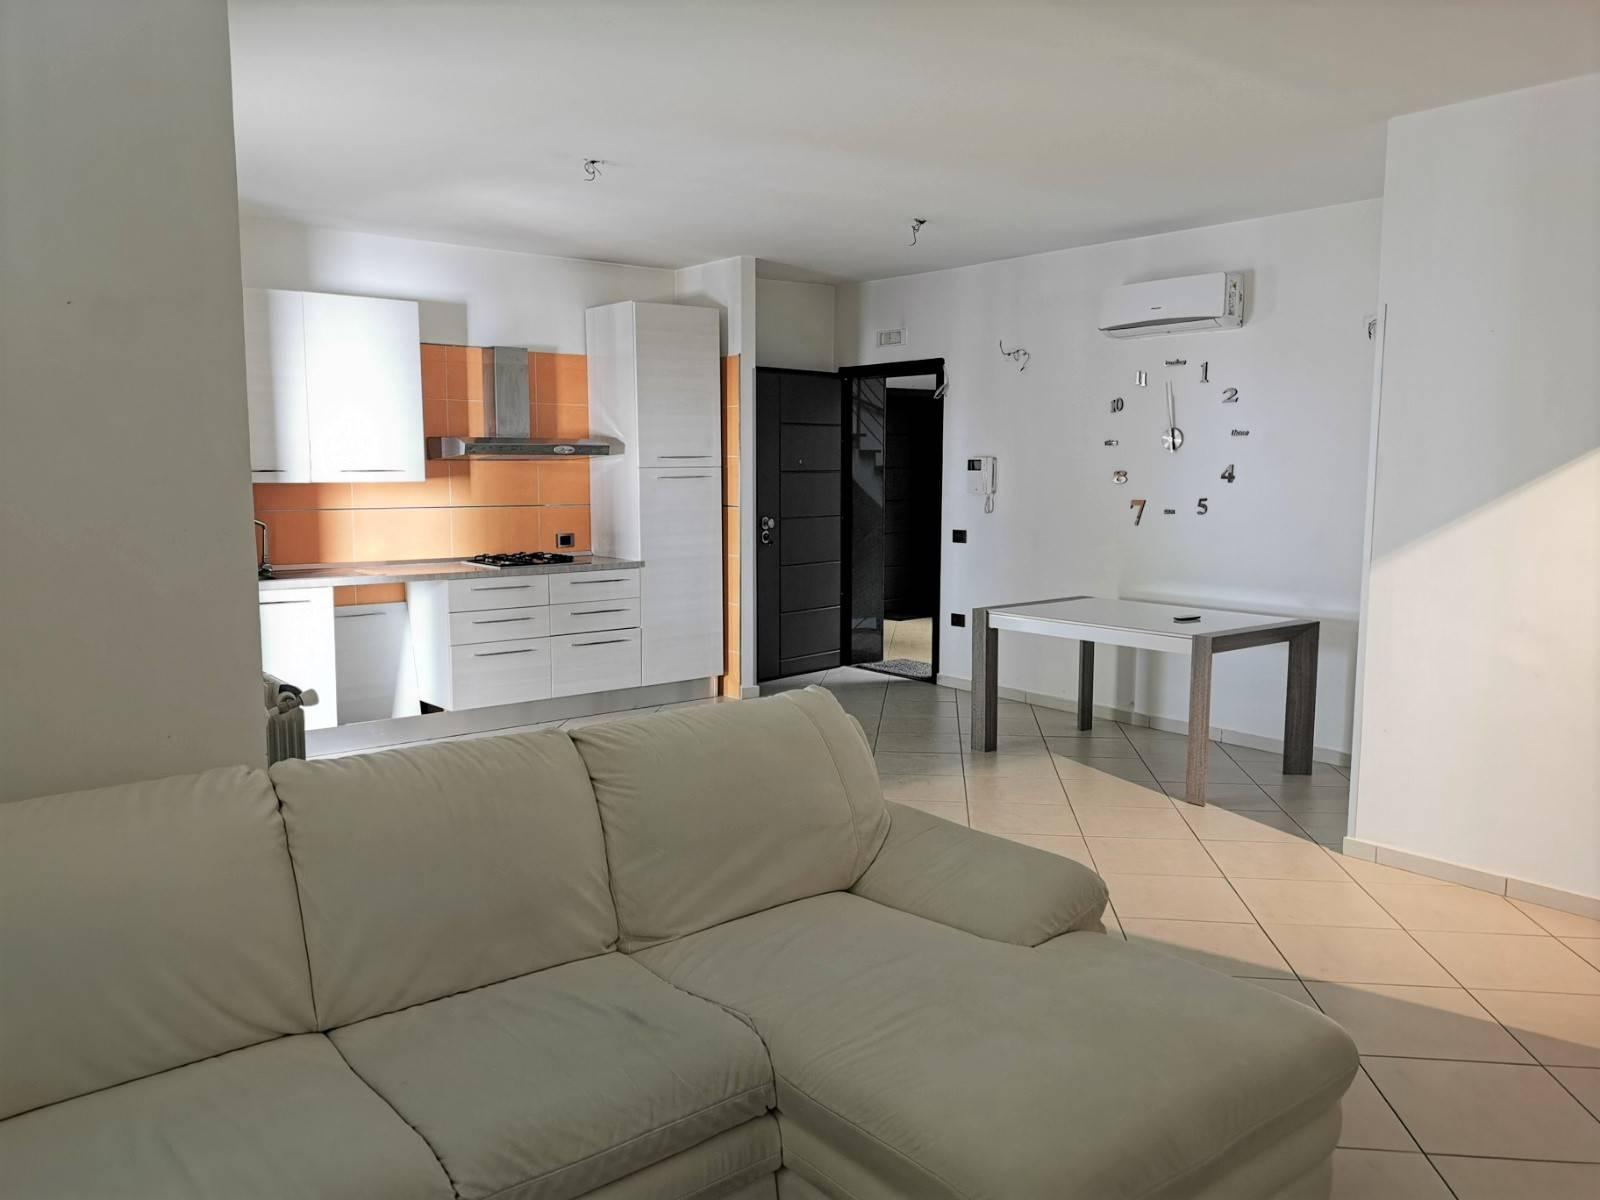 AV983-Appartamento-SAN-PRISCO-VIA-AGOSTINO-STELLATO